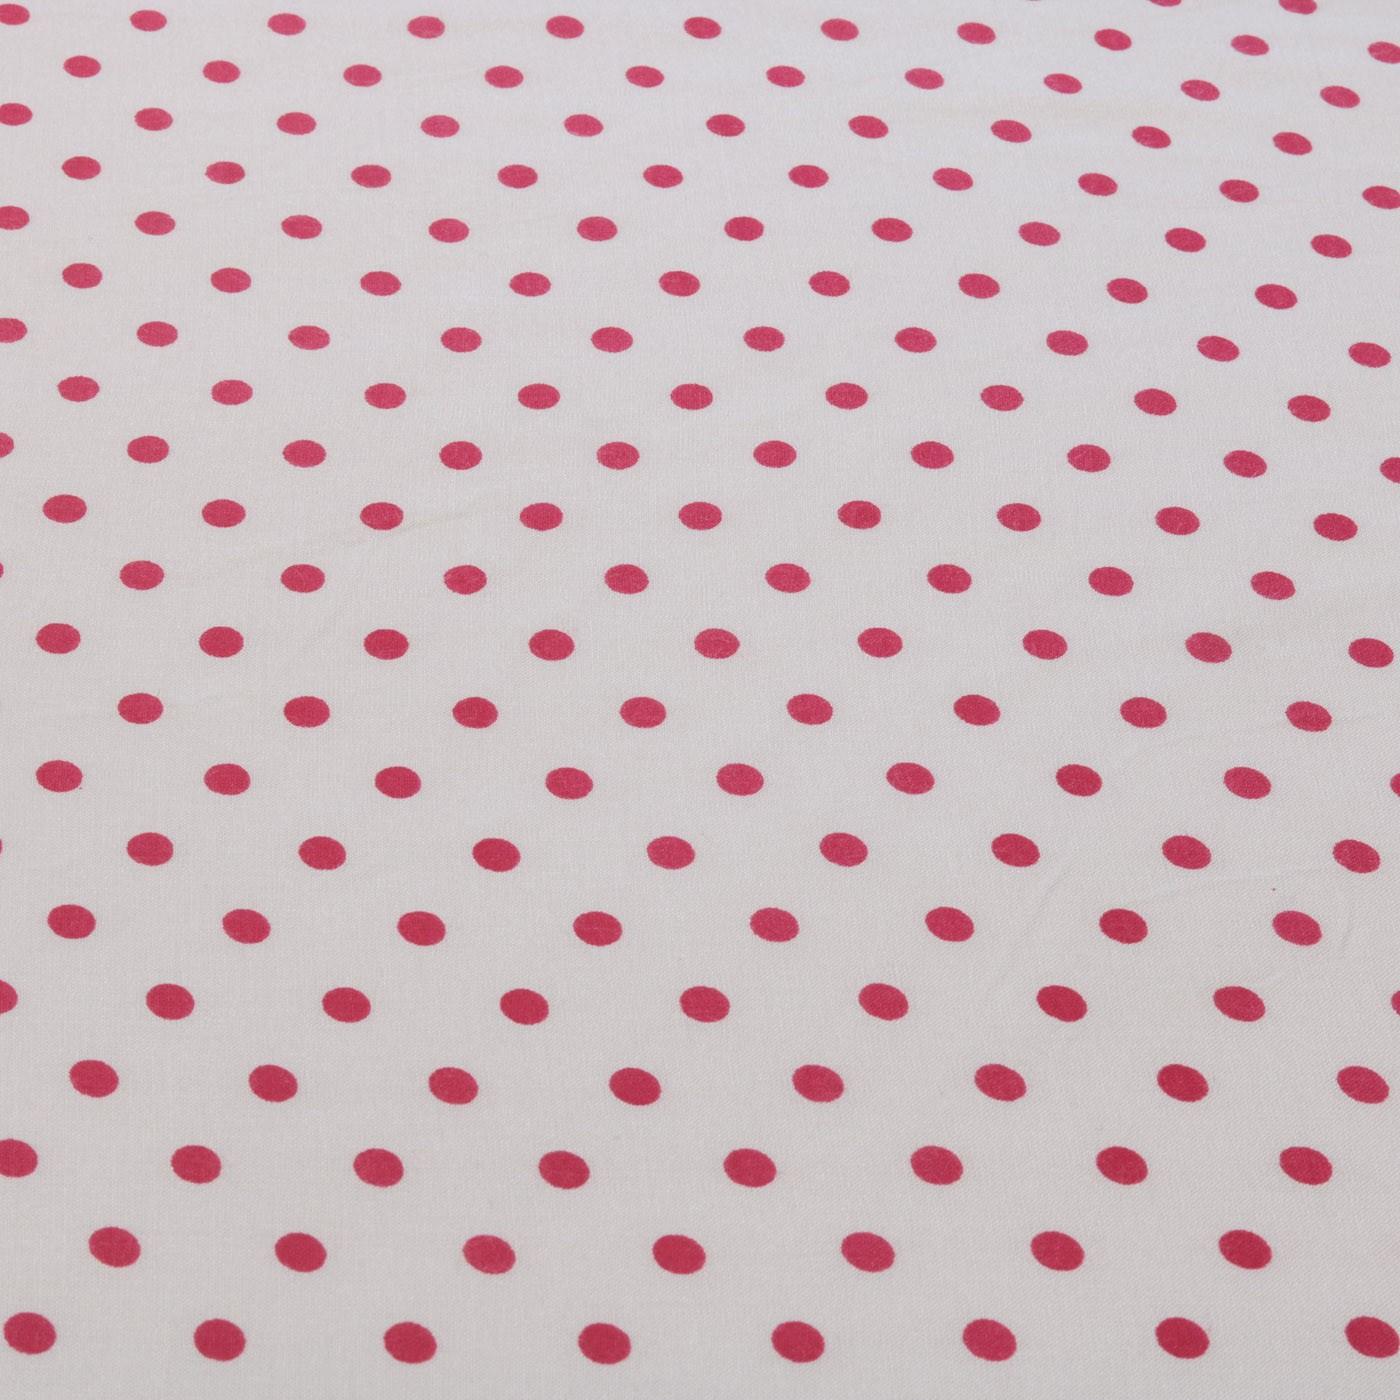 Tecido Viscose Estampado Poa Bolas 100% Viscose Pink